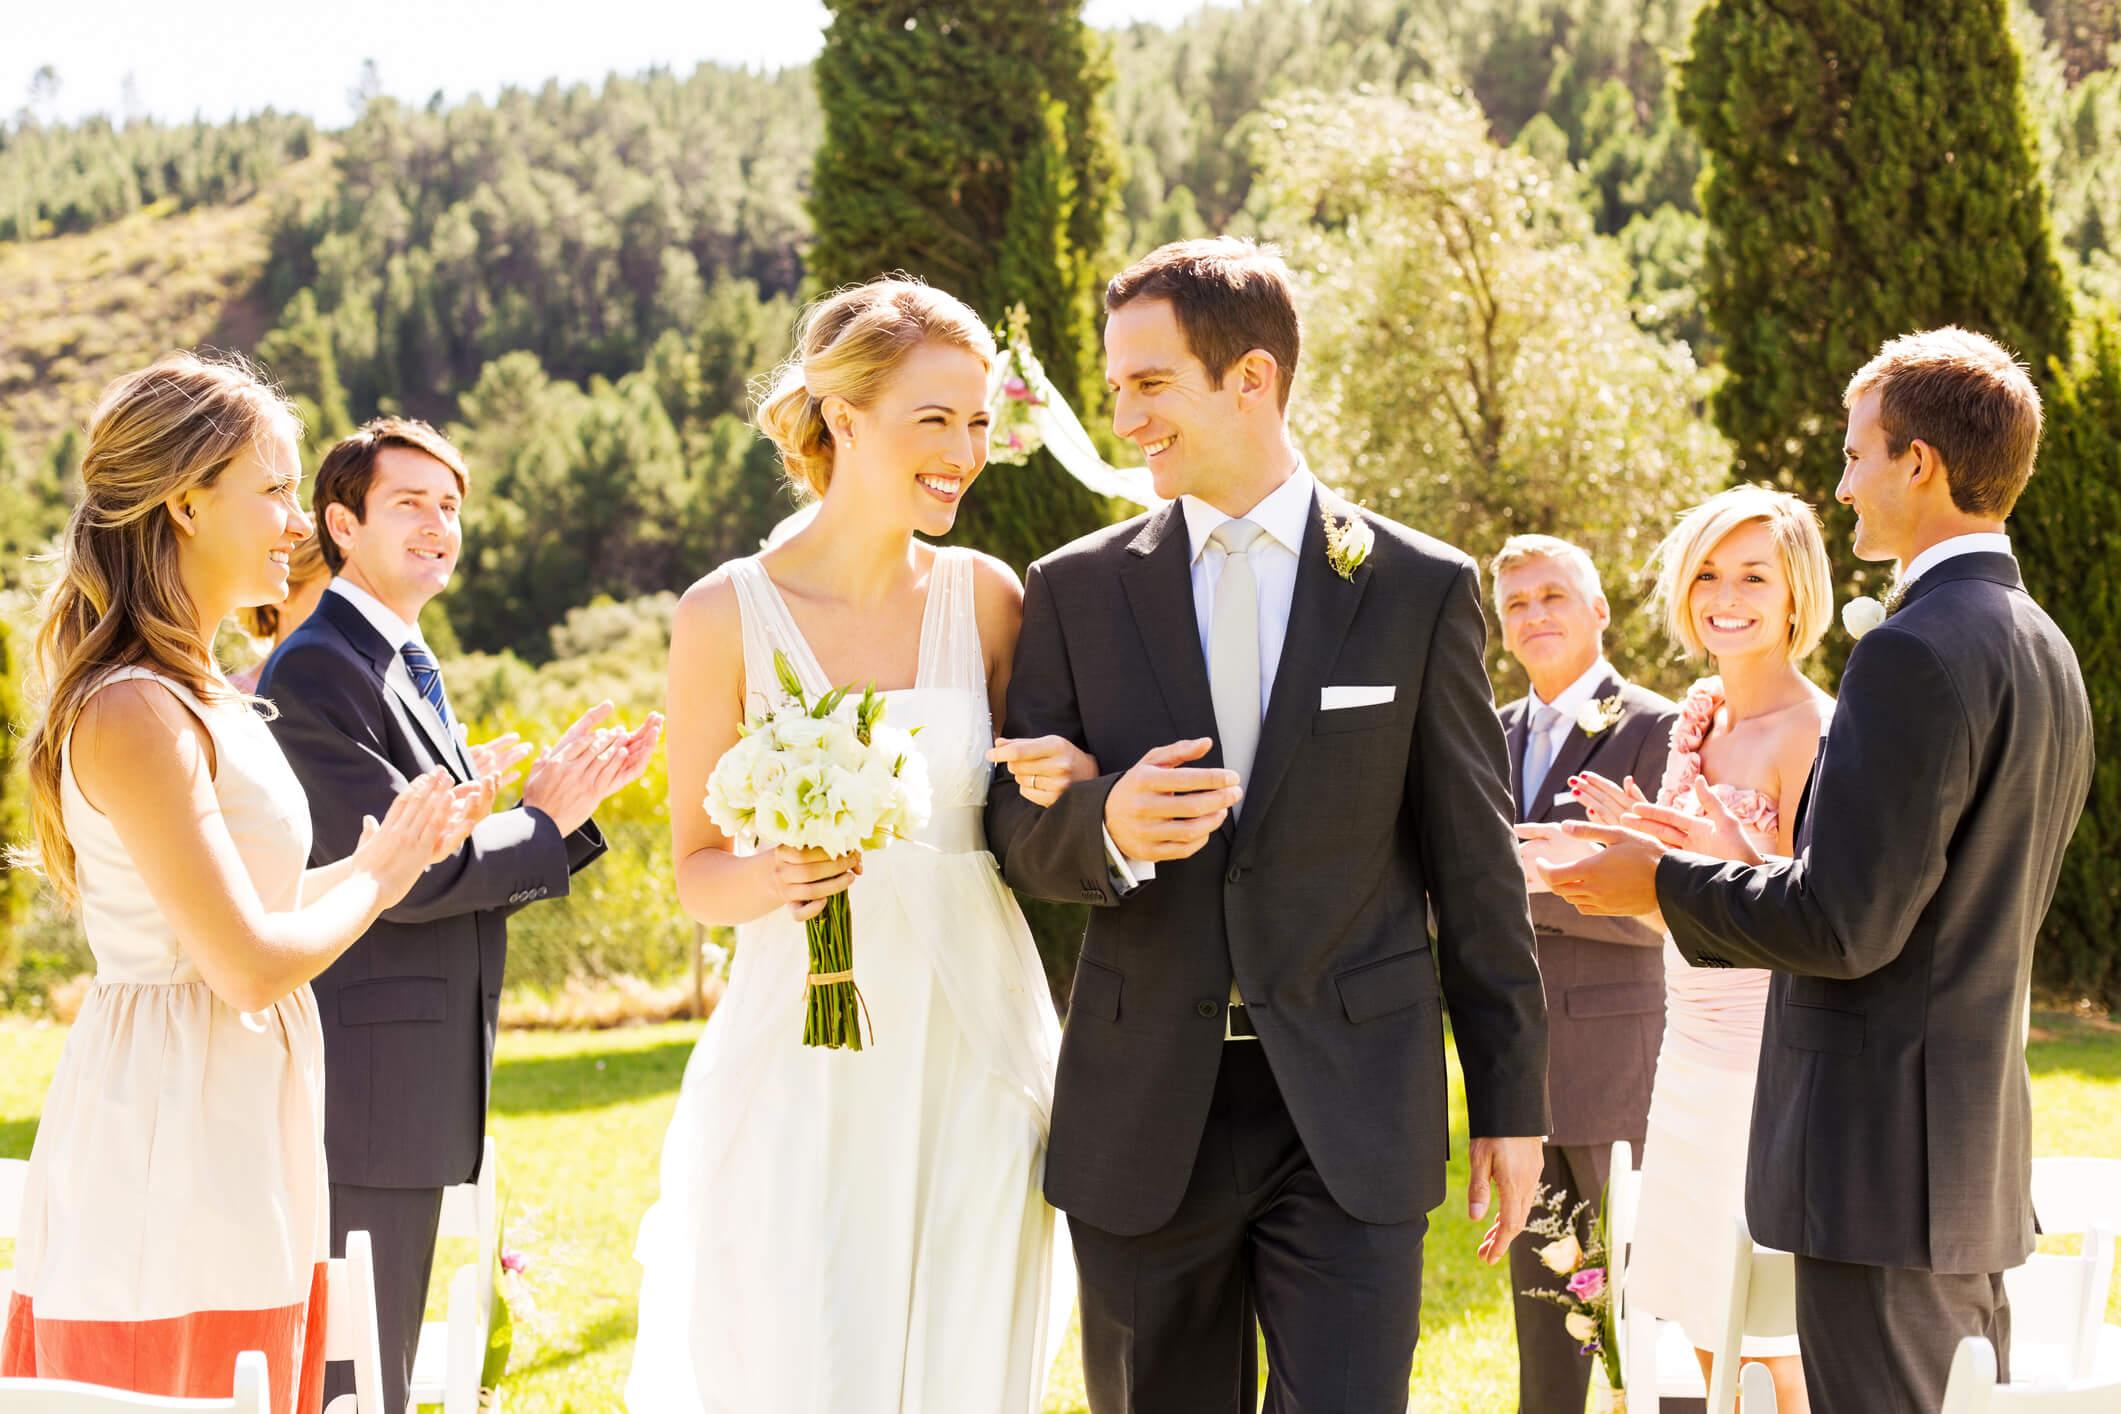 casamento à tarde como decorar